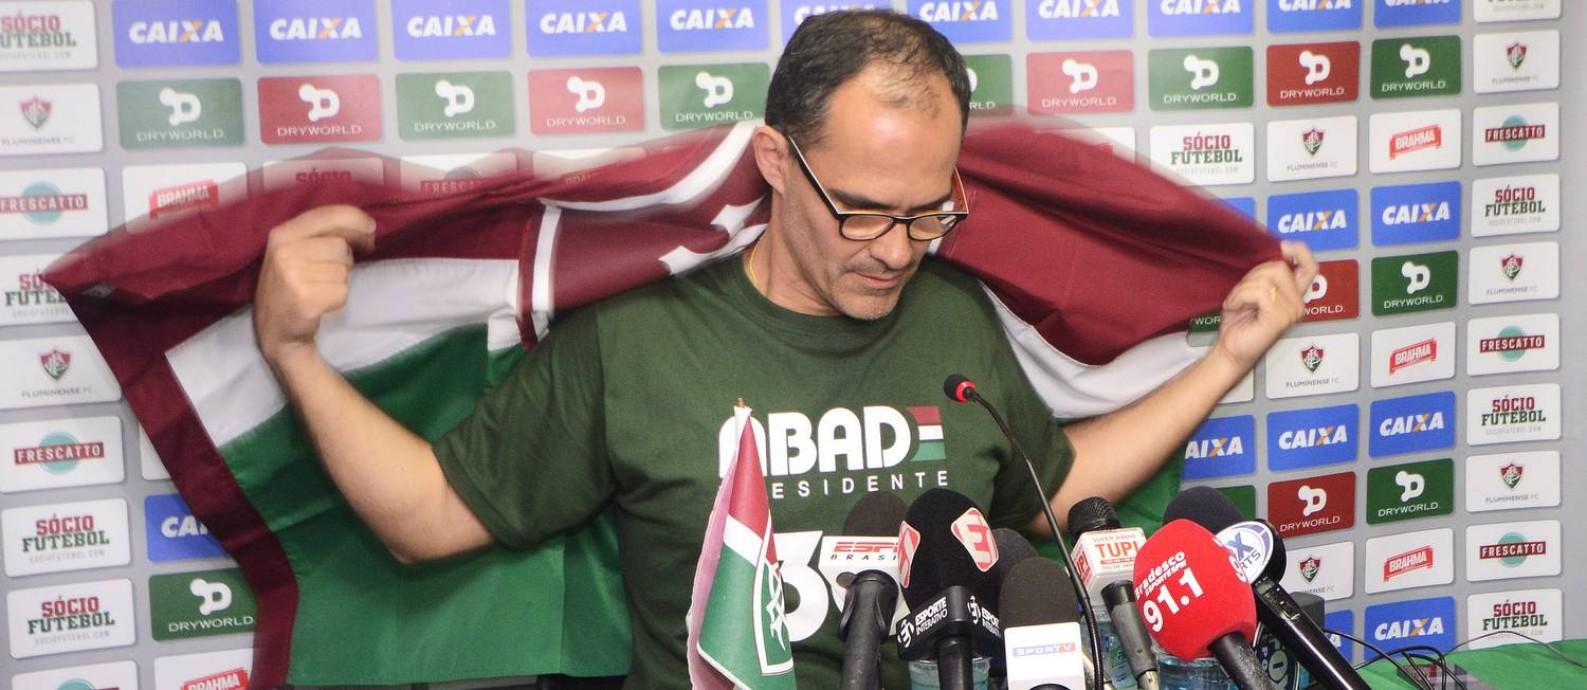 Pedro Abad, presidente eleito do Fluminense, quer contratar um ídolo para o futebol Foto: Mailson Santana / Fluminense